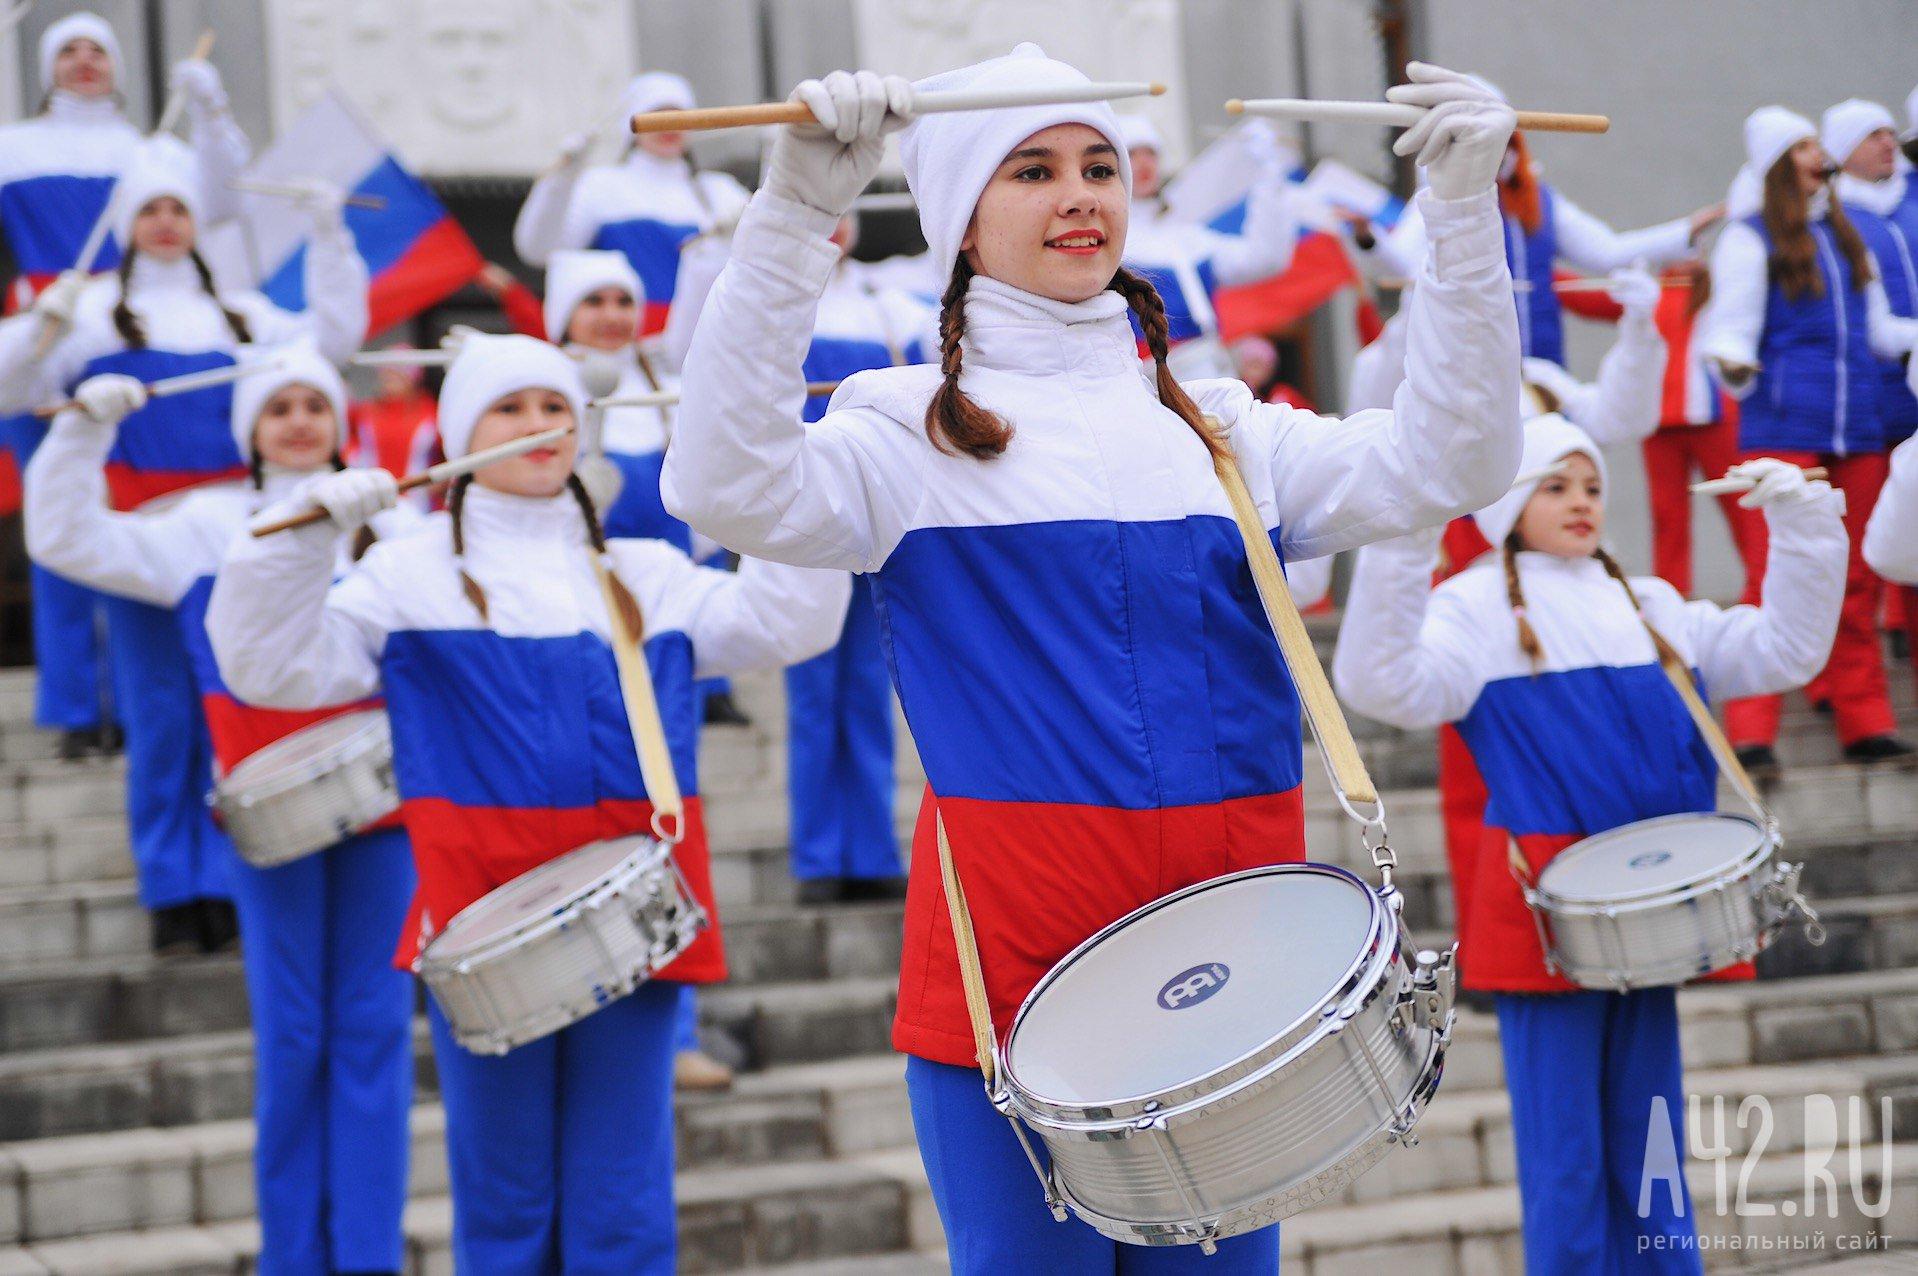 подходящий фото к дню народного единства анкетах девушек все